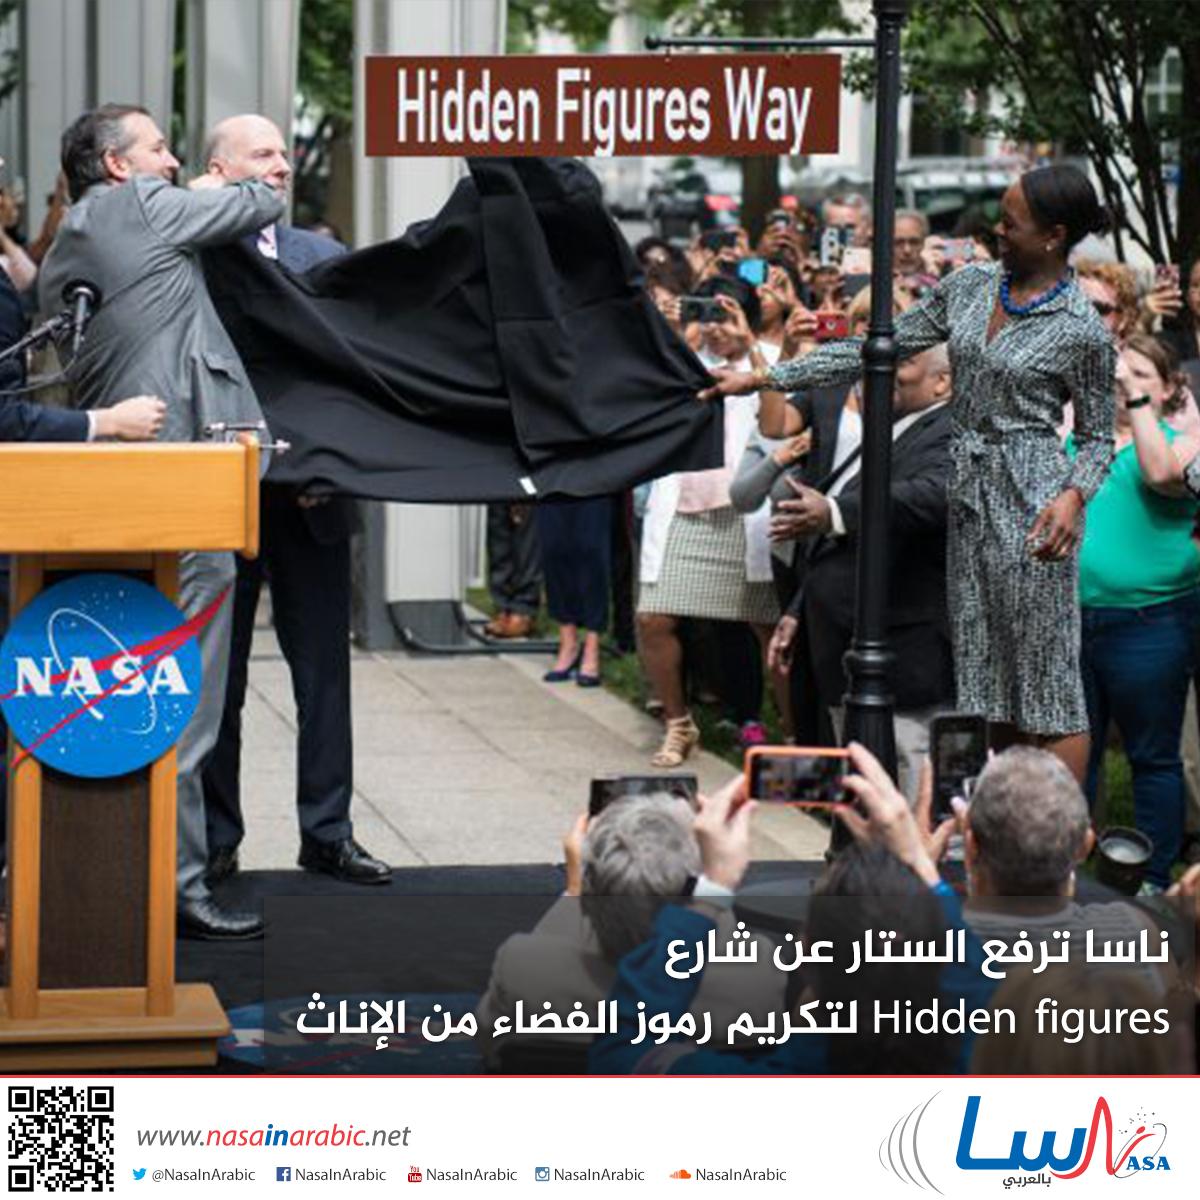 ناسا ترفع الستار عن شارع شخصيات مخفية Hidden figures way لتكريم رموز الفضاء من الإناث